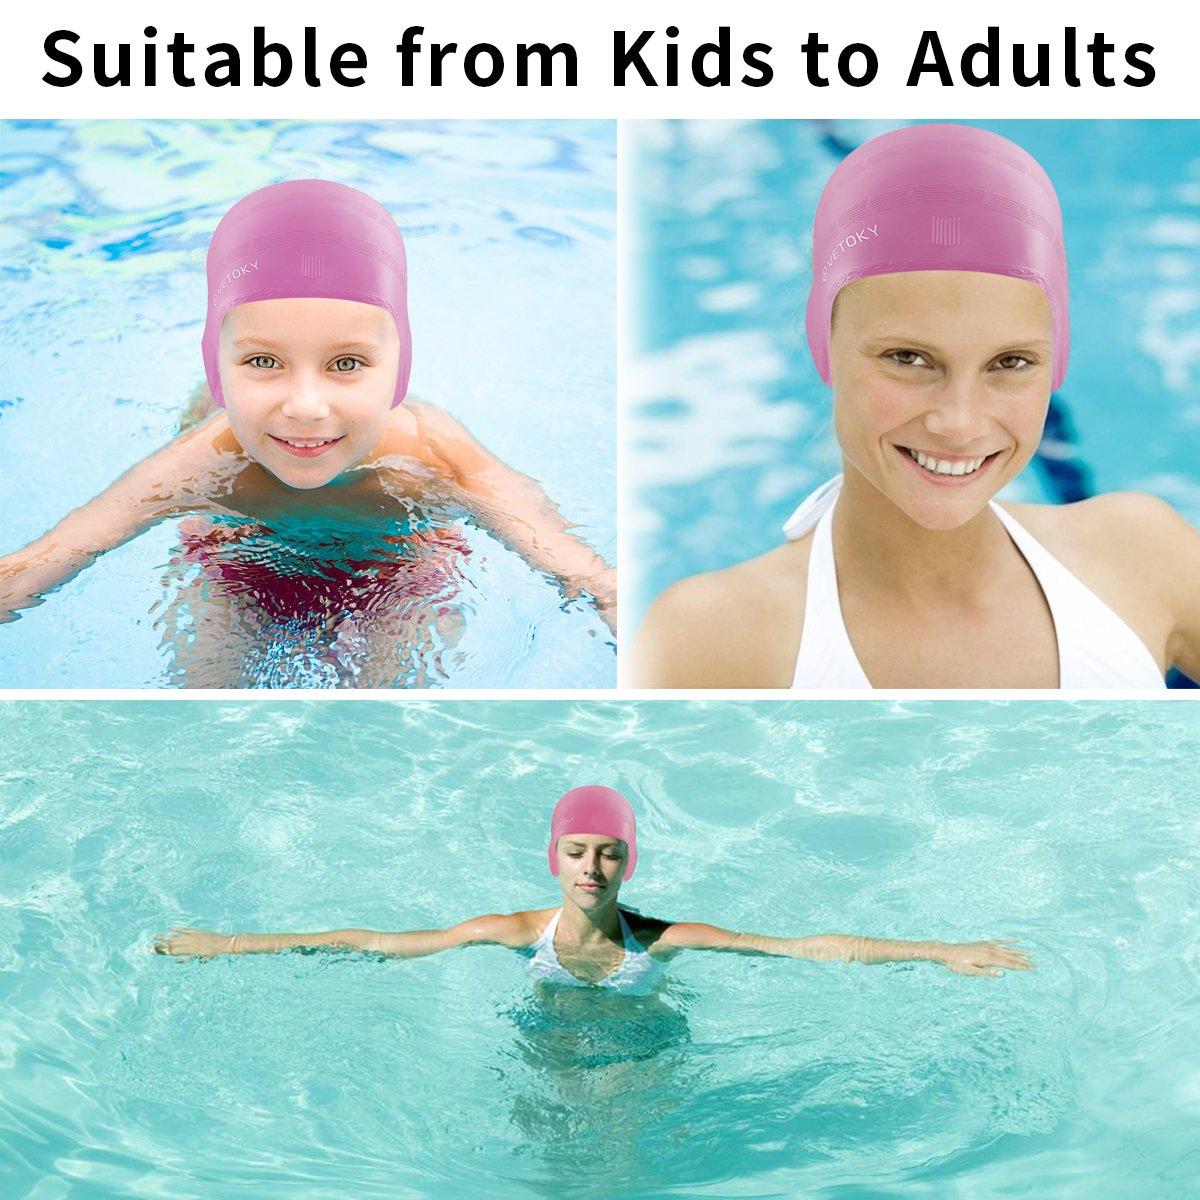 Cuffie-Nuoto-Bimba-Adulto-Piscina-Professionali Swim Cap Vetoky Bambino  Graduati nero    blu    argento    rosa Cappello ... 35c615e72eb8